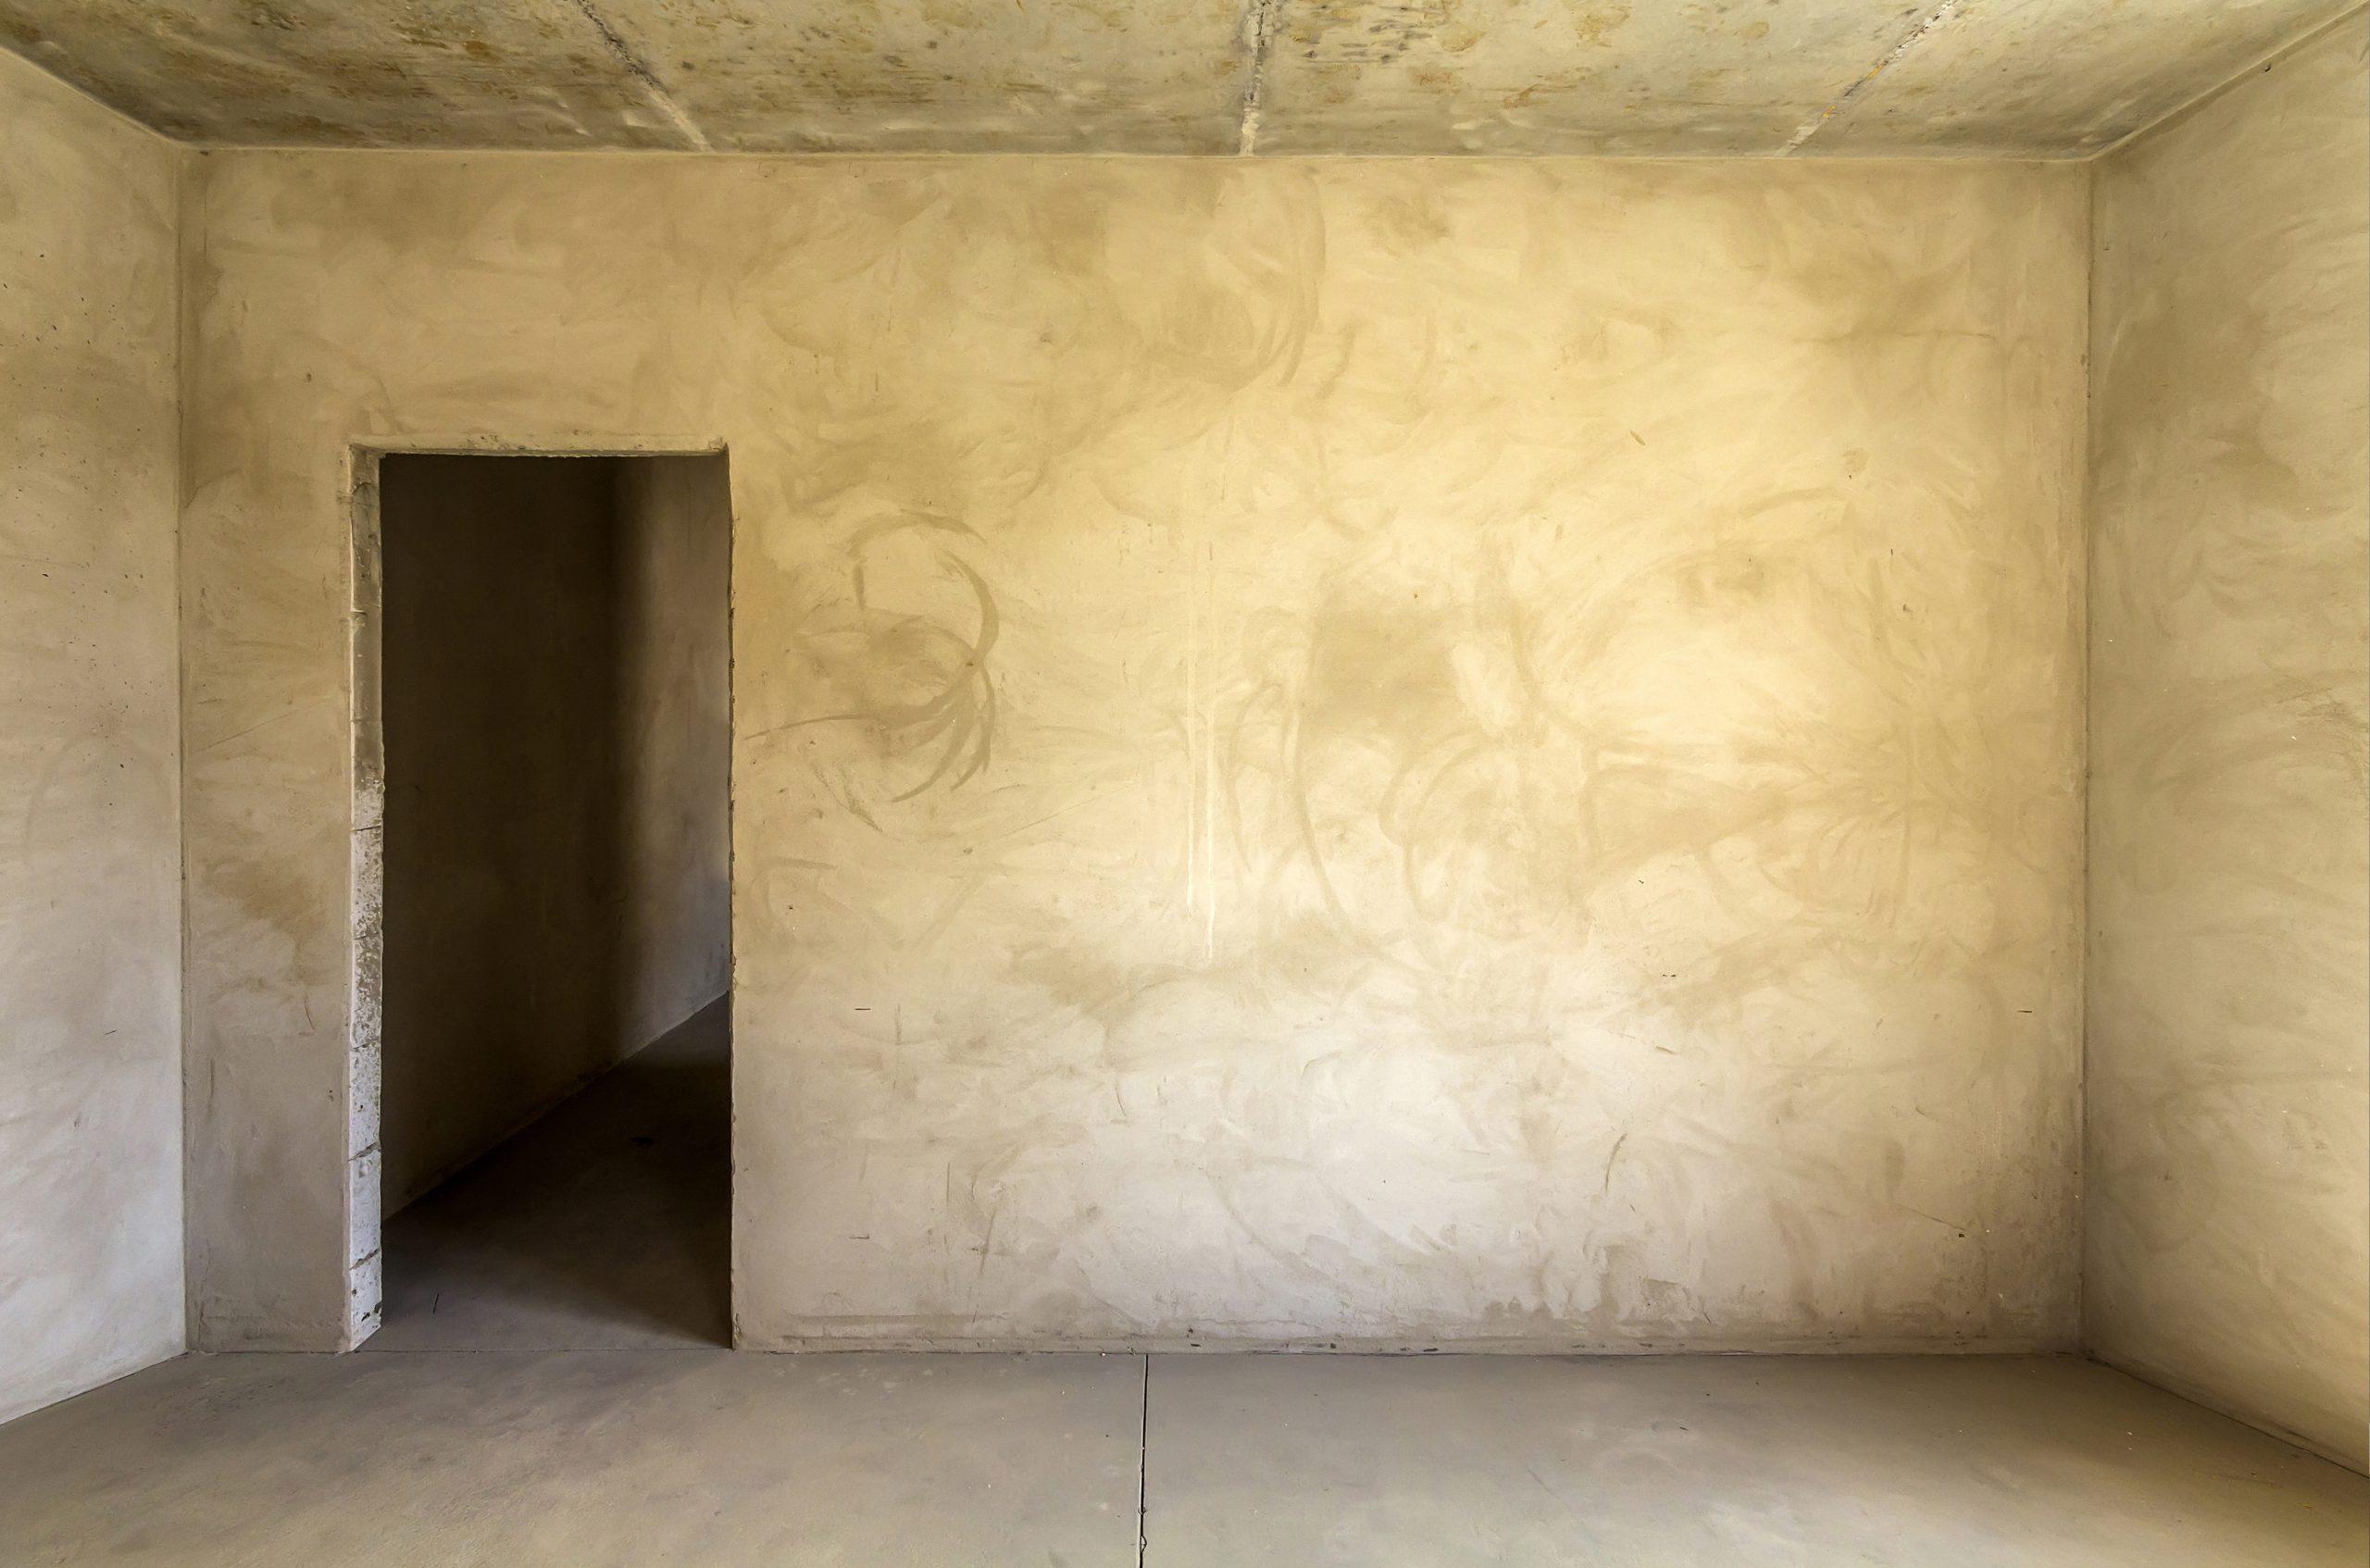 rénovation sur mur avant - viranet